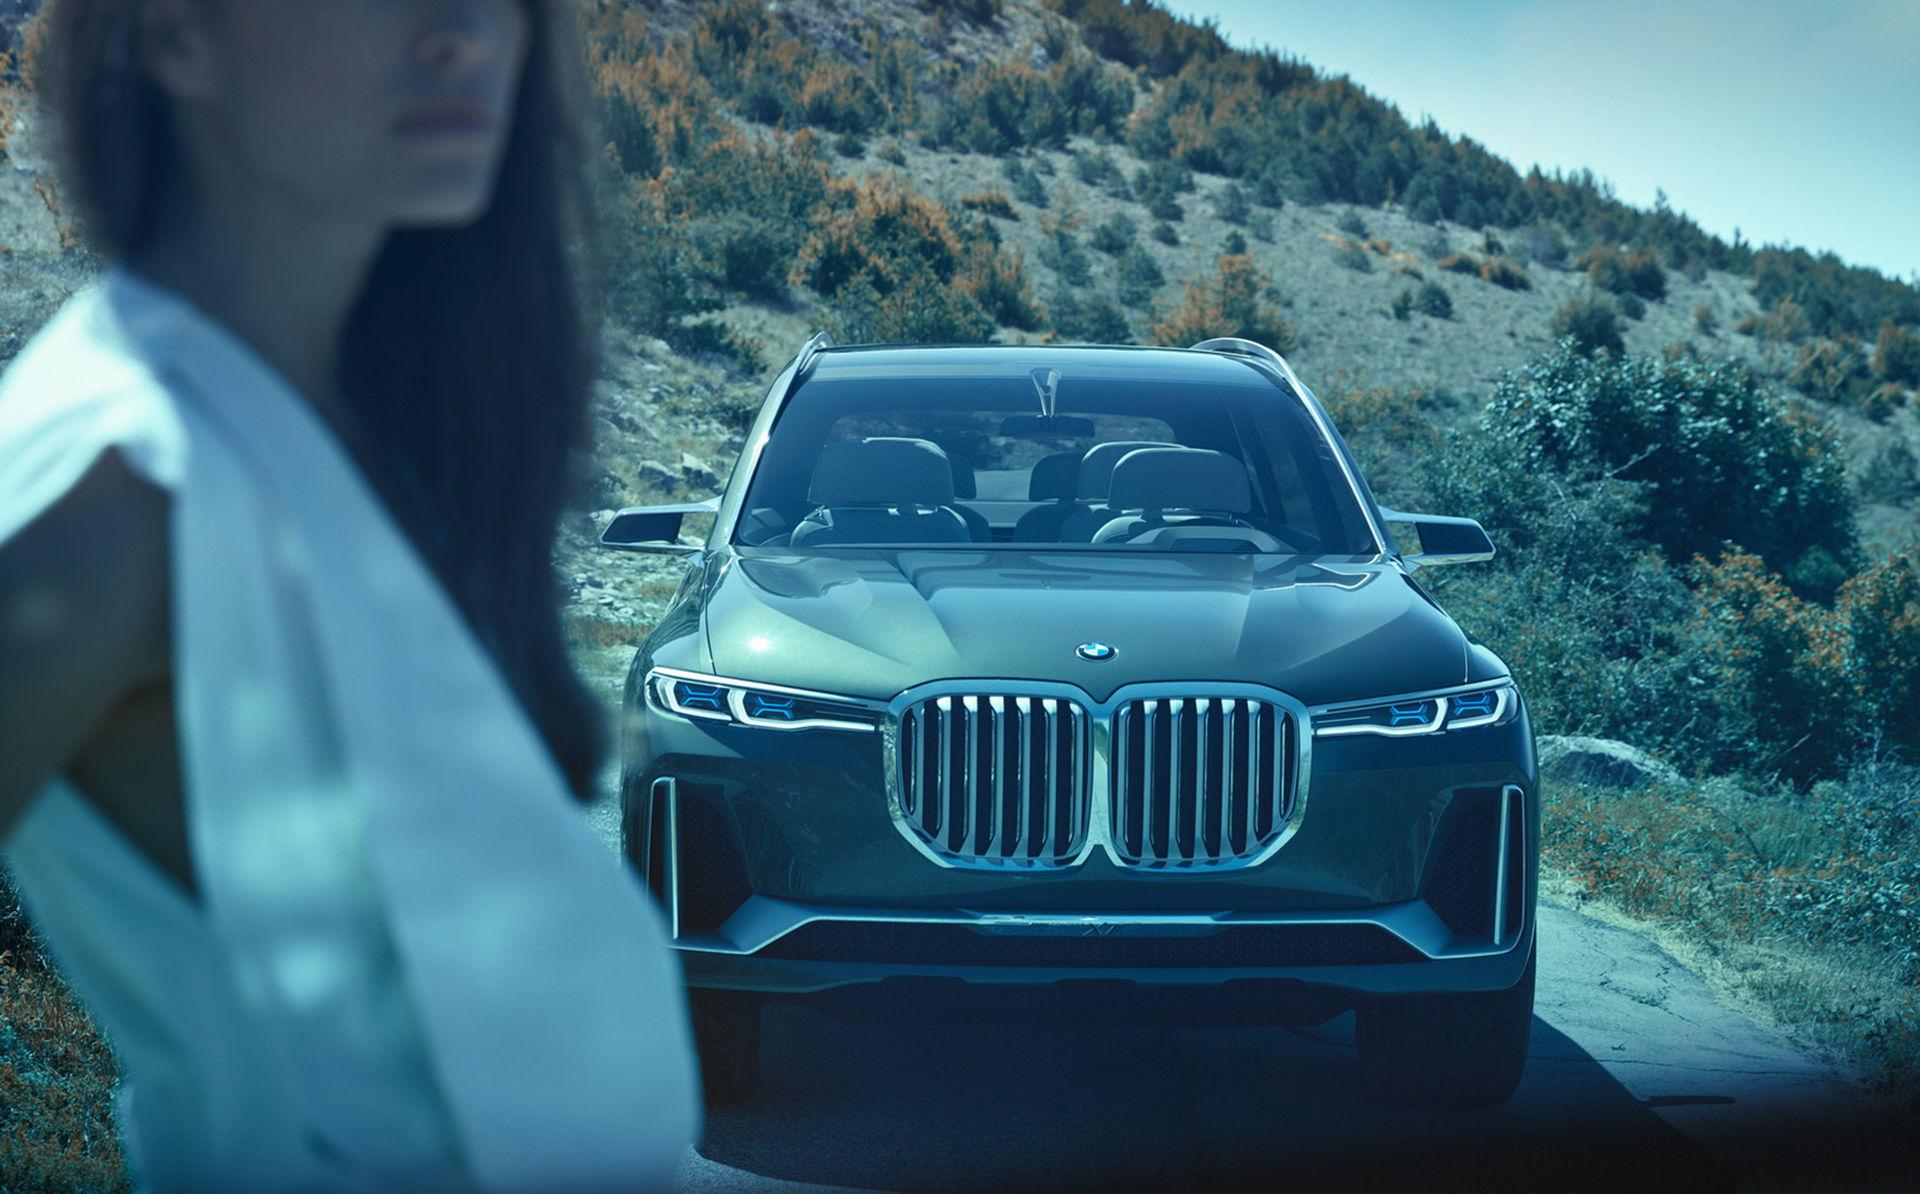 Fler bilder på BMW X7 iPerformance Concept